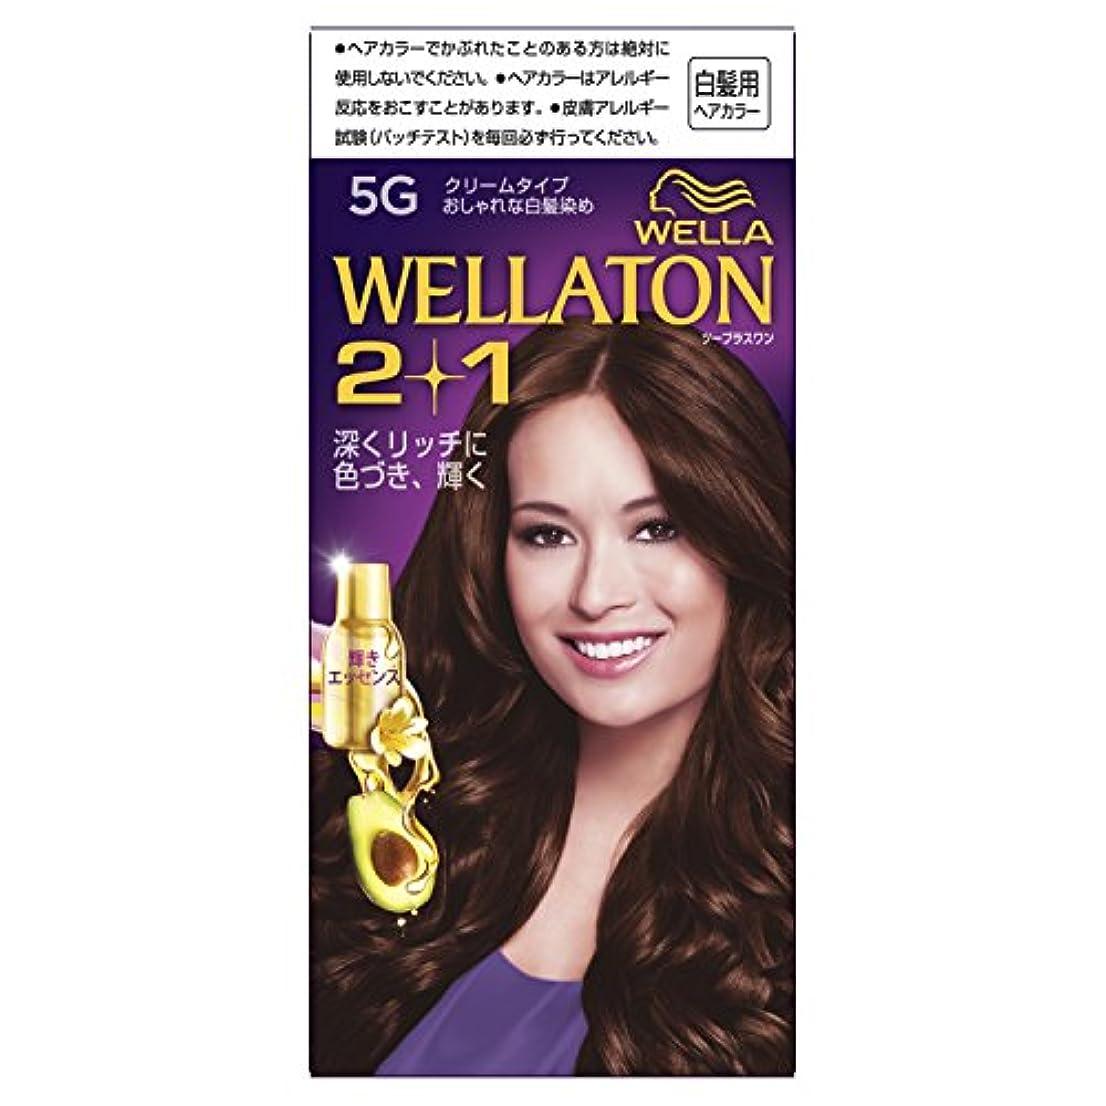 作動する入り口インレイウエラトーン2+1 クリームタイプ 5G [医薬部外品](おしゃれな白髪染め)